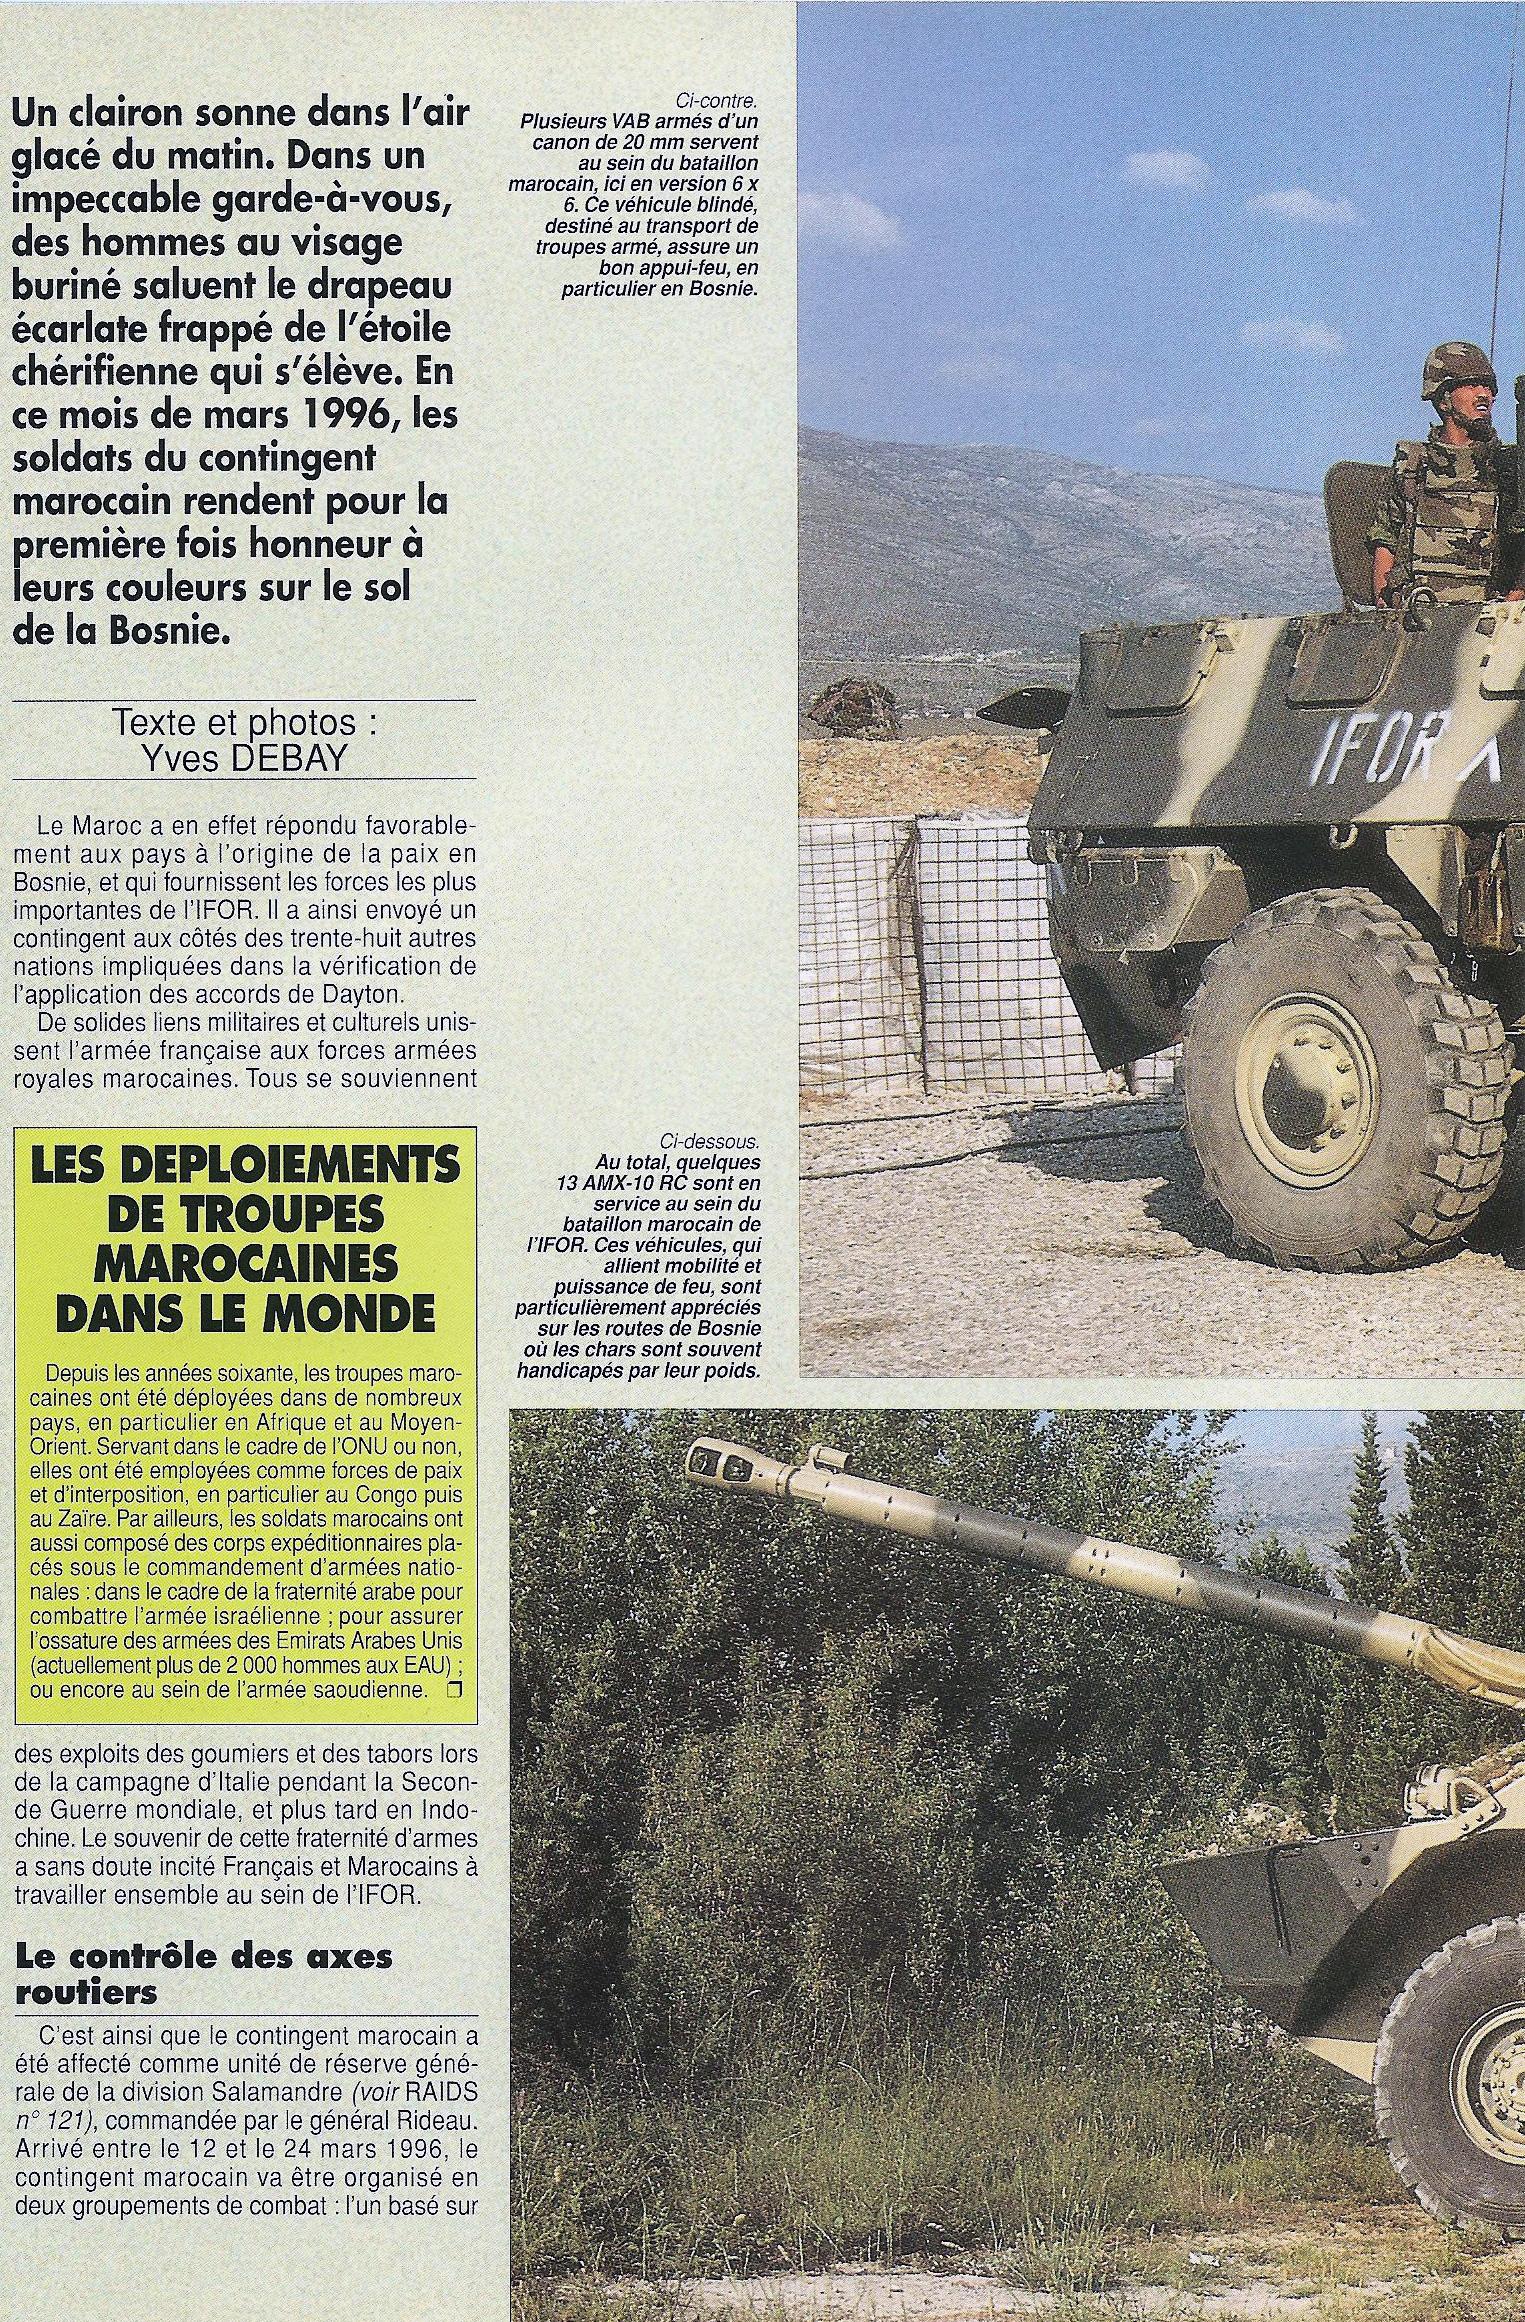 Les F.A.R. en Bosnie  IFOR, SFOR et EUFOR Althea 32095107084_d0e2dd2bcb_o